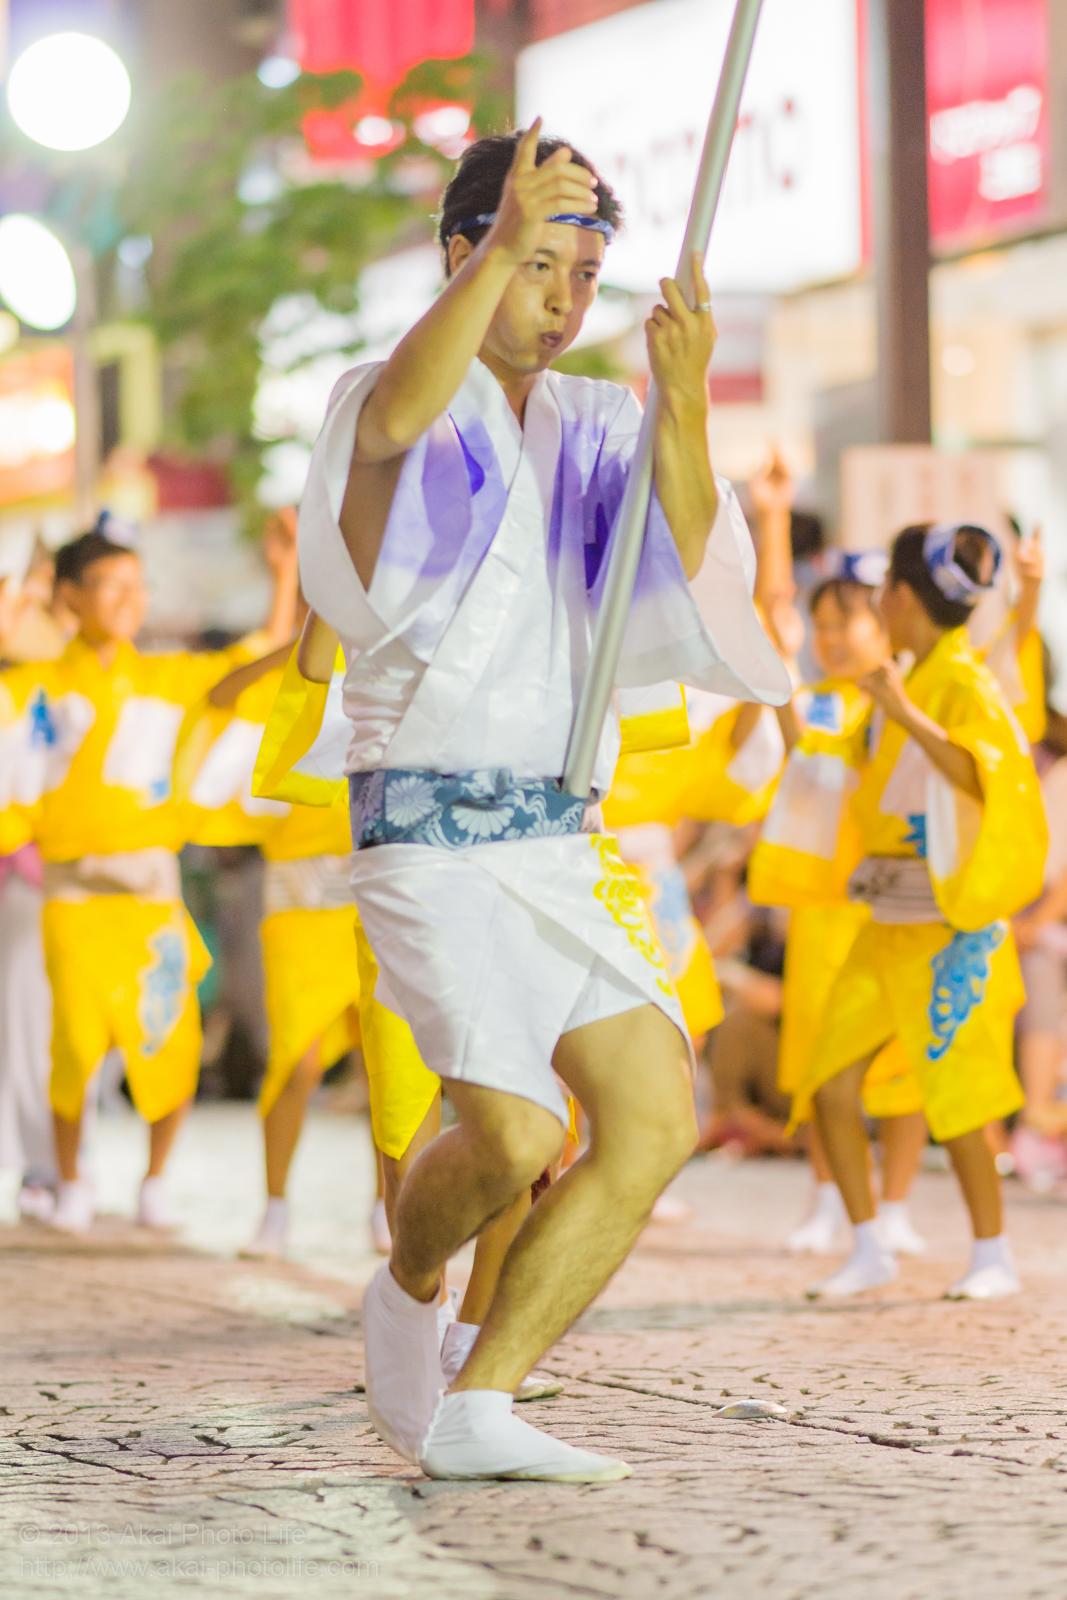 三鷹阿波踊り、菊水会菊水連の高張提灯持ち手